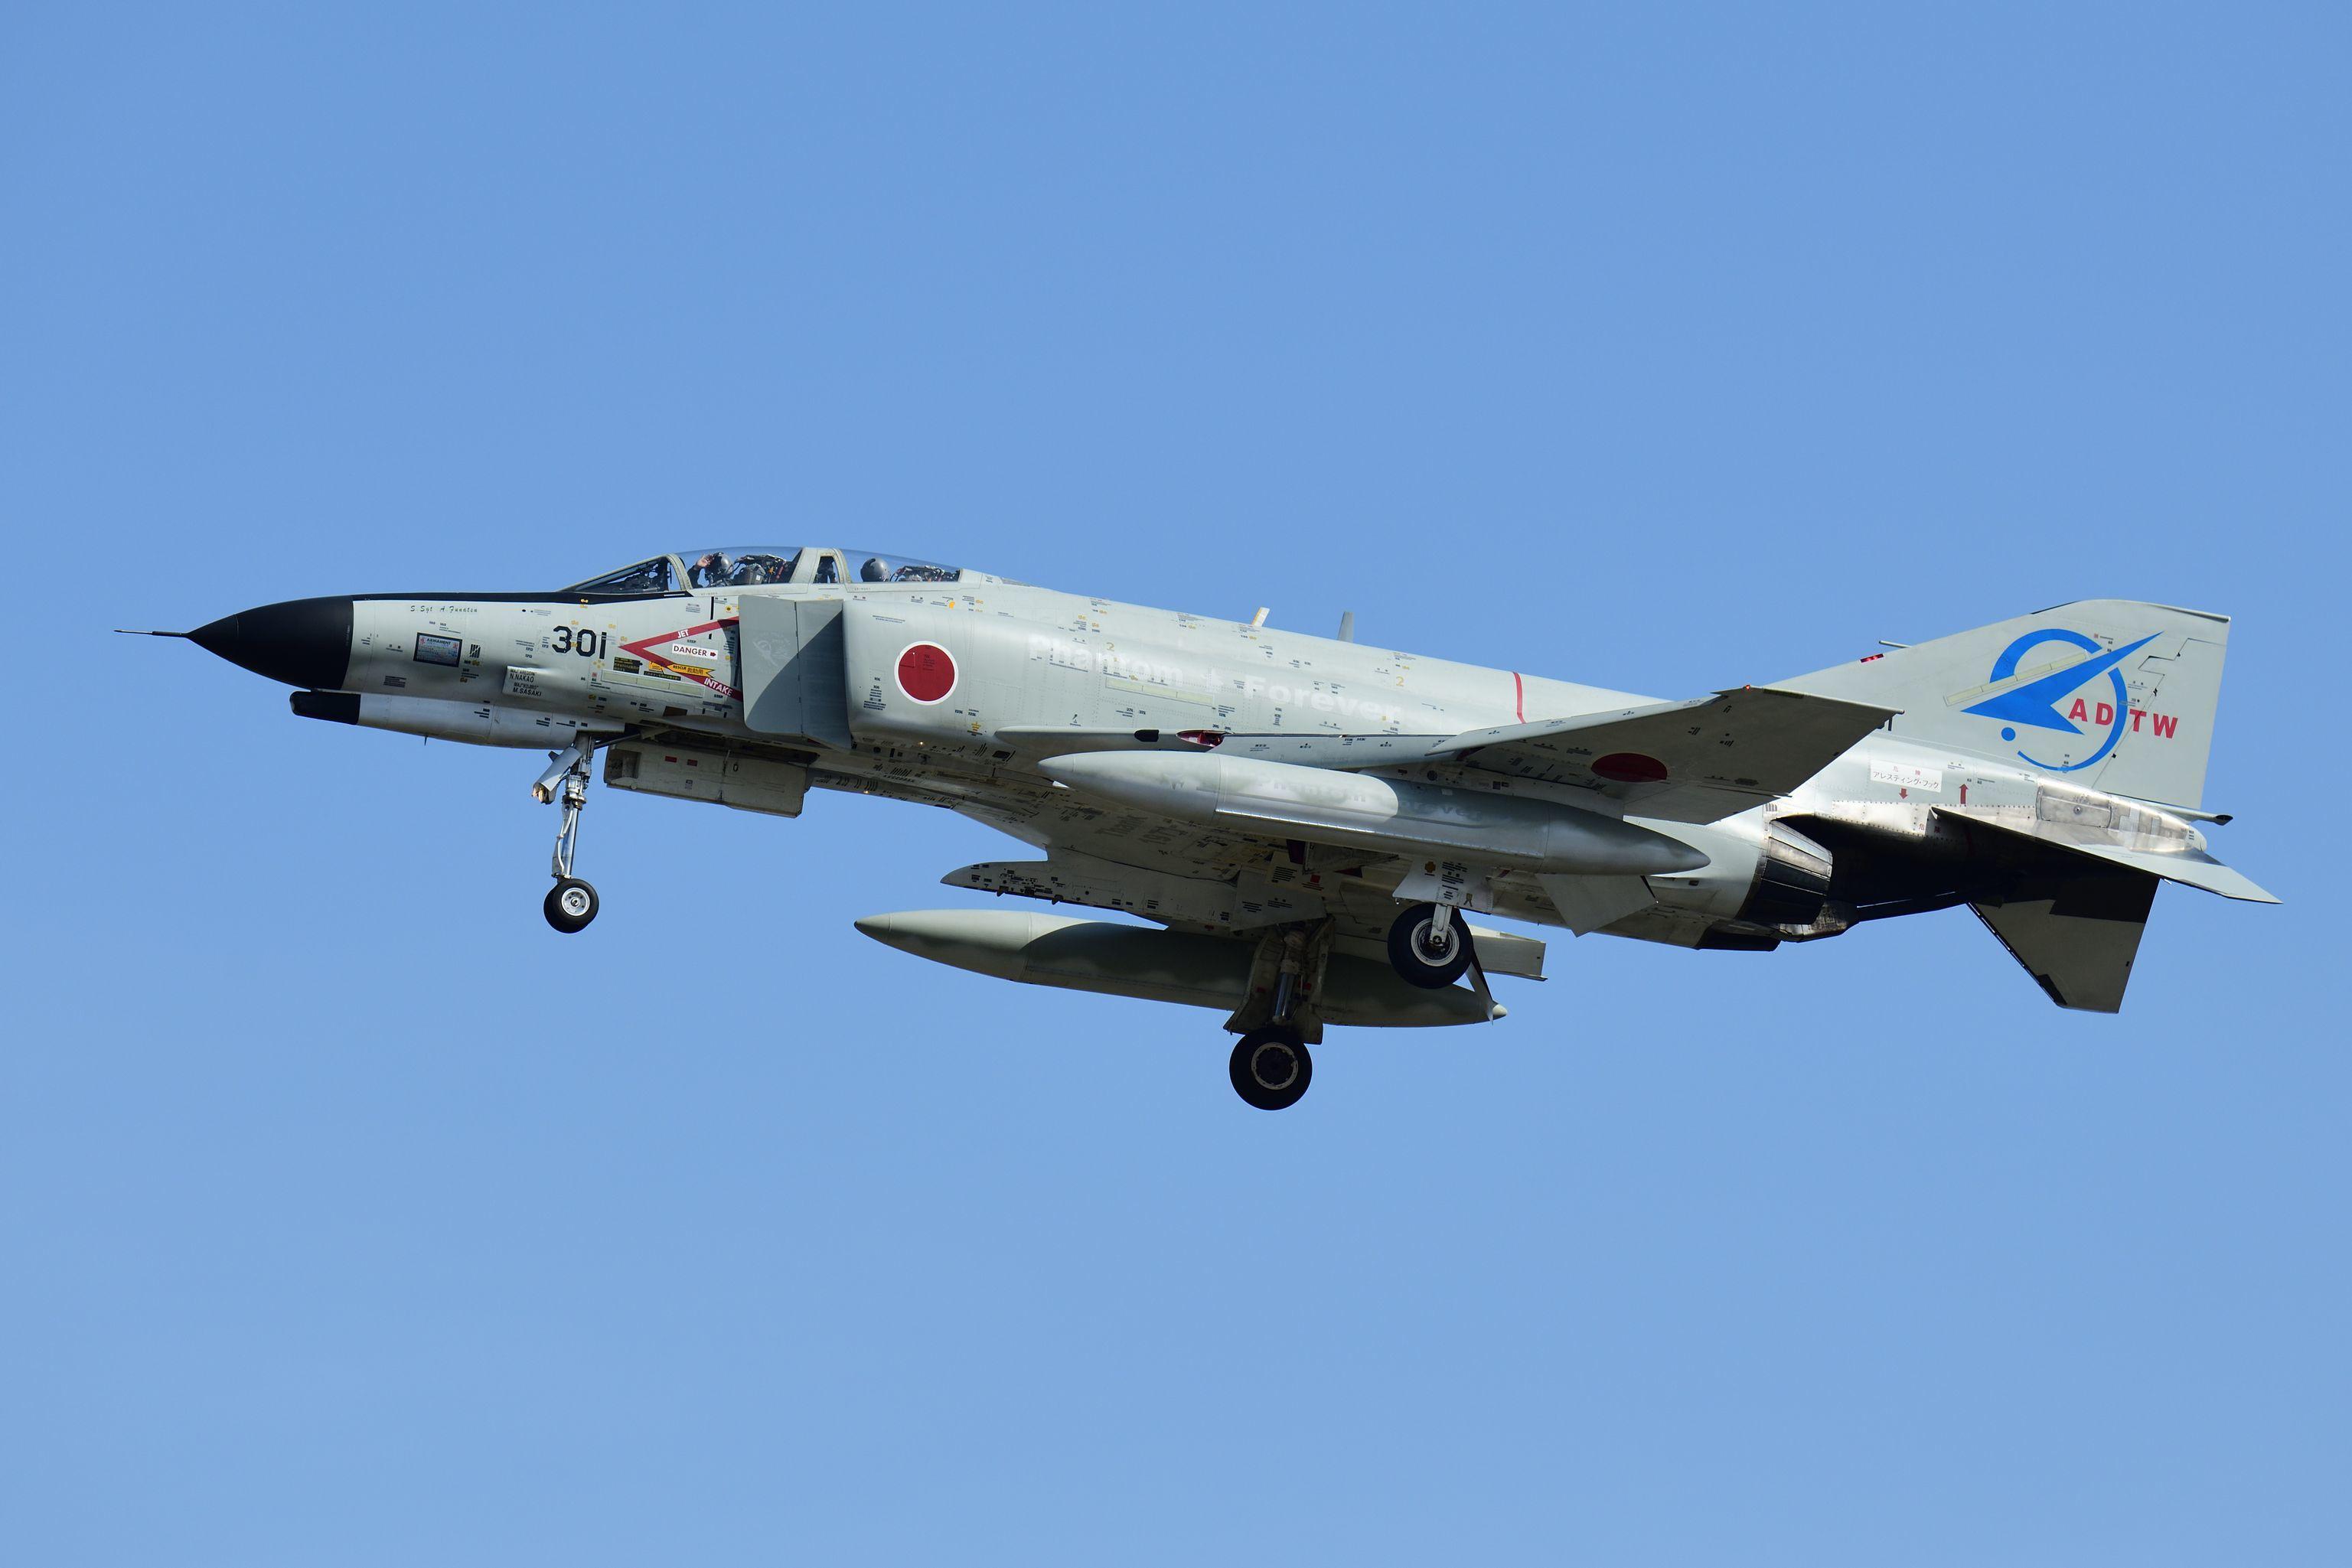 2021/03/17 岐阜基地(F-4ファントムⅡラストフライト)_c0250390_10165414.jpg